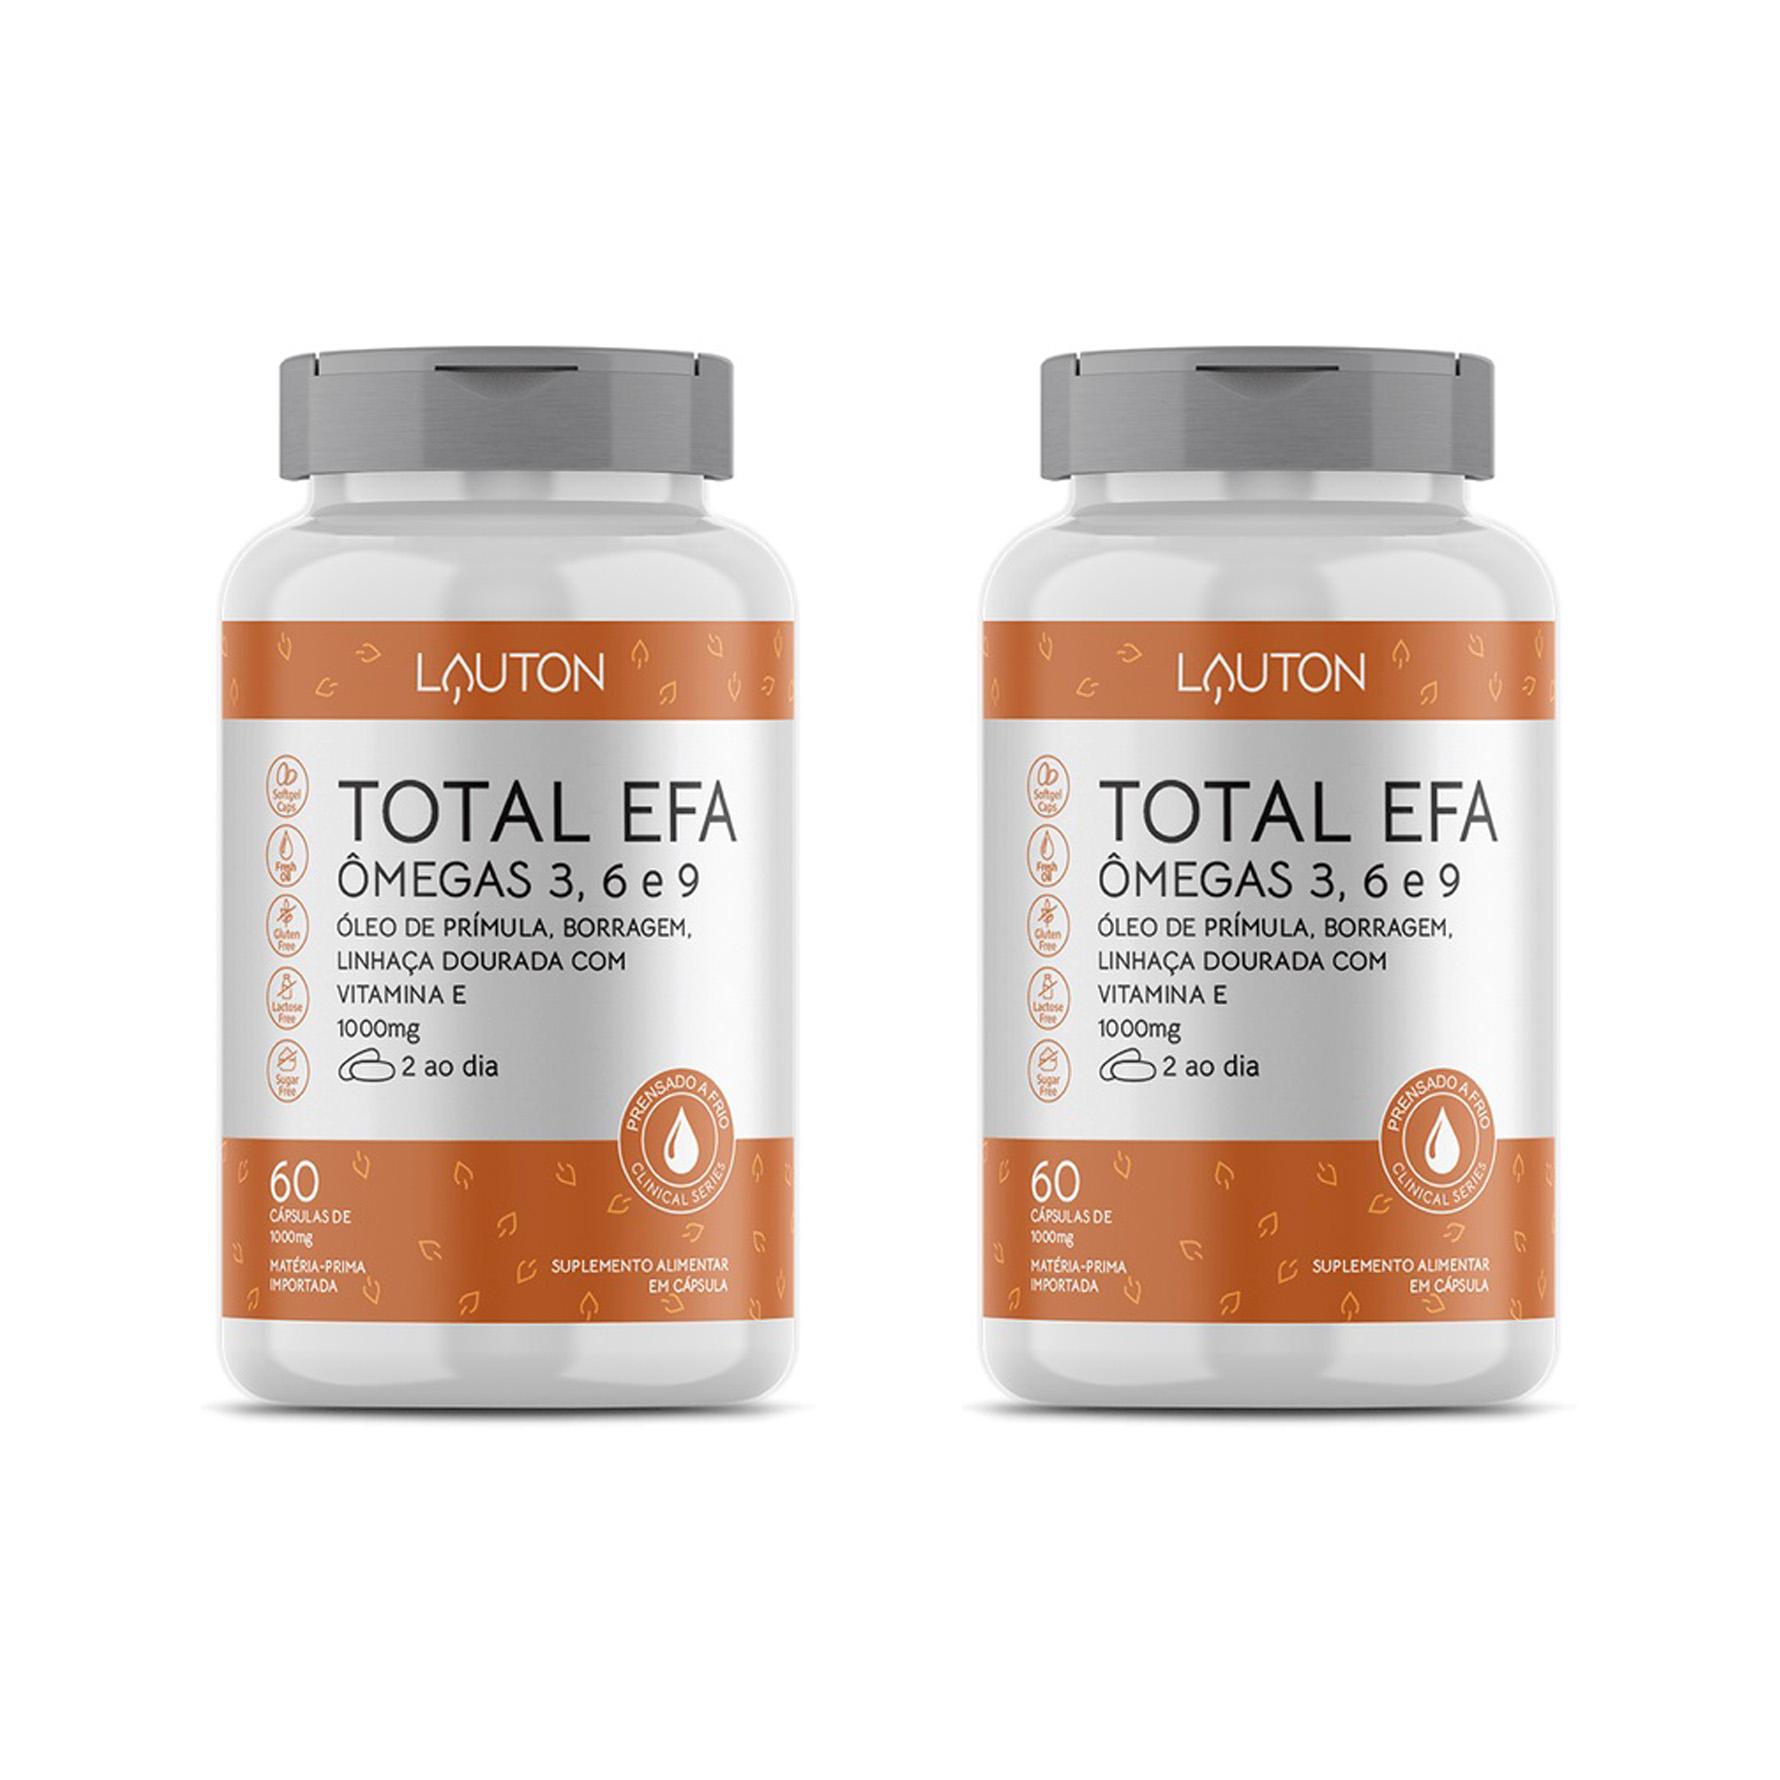 Total Efa, Ômegas 3, 6 e 9 - 60 Cápsulas - Lauton Nutrition (2 Unidades)